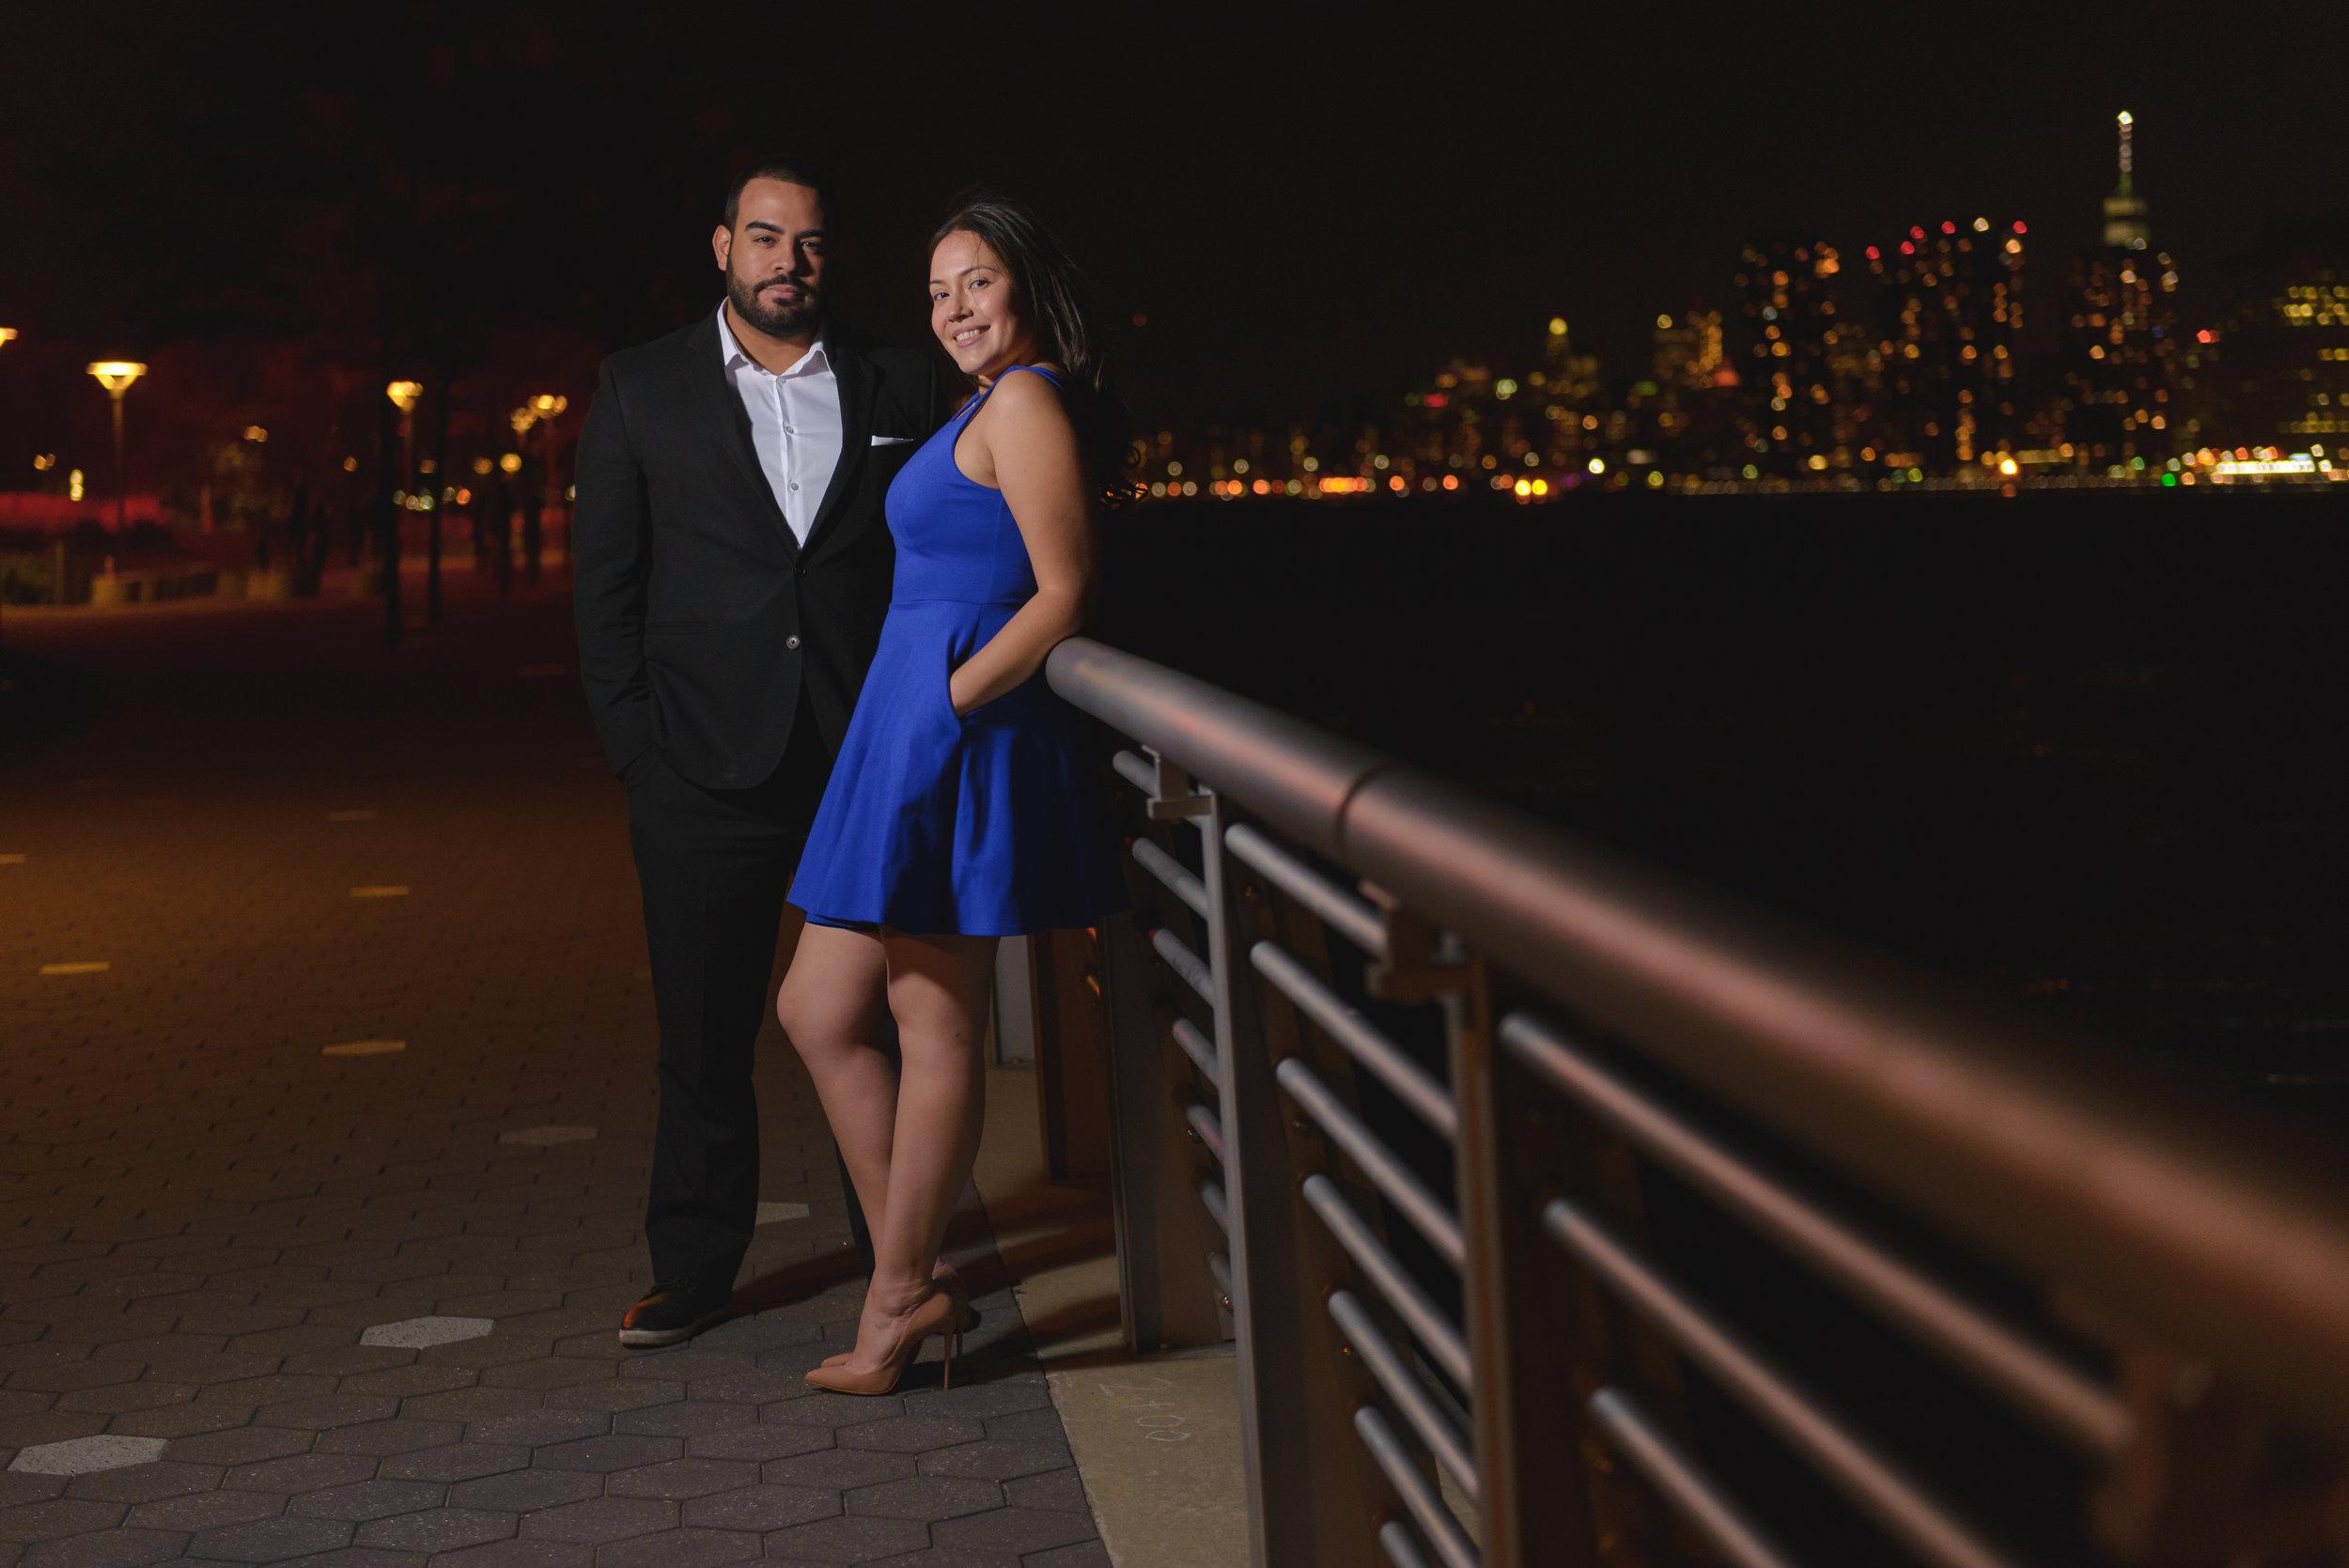 Anita&Matt-212.jpg